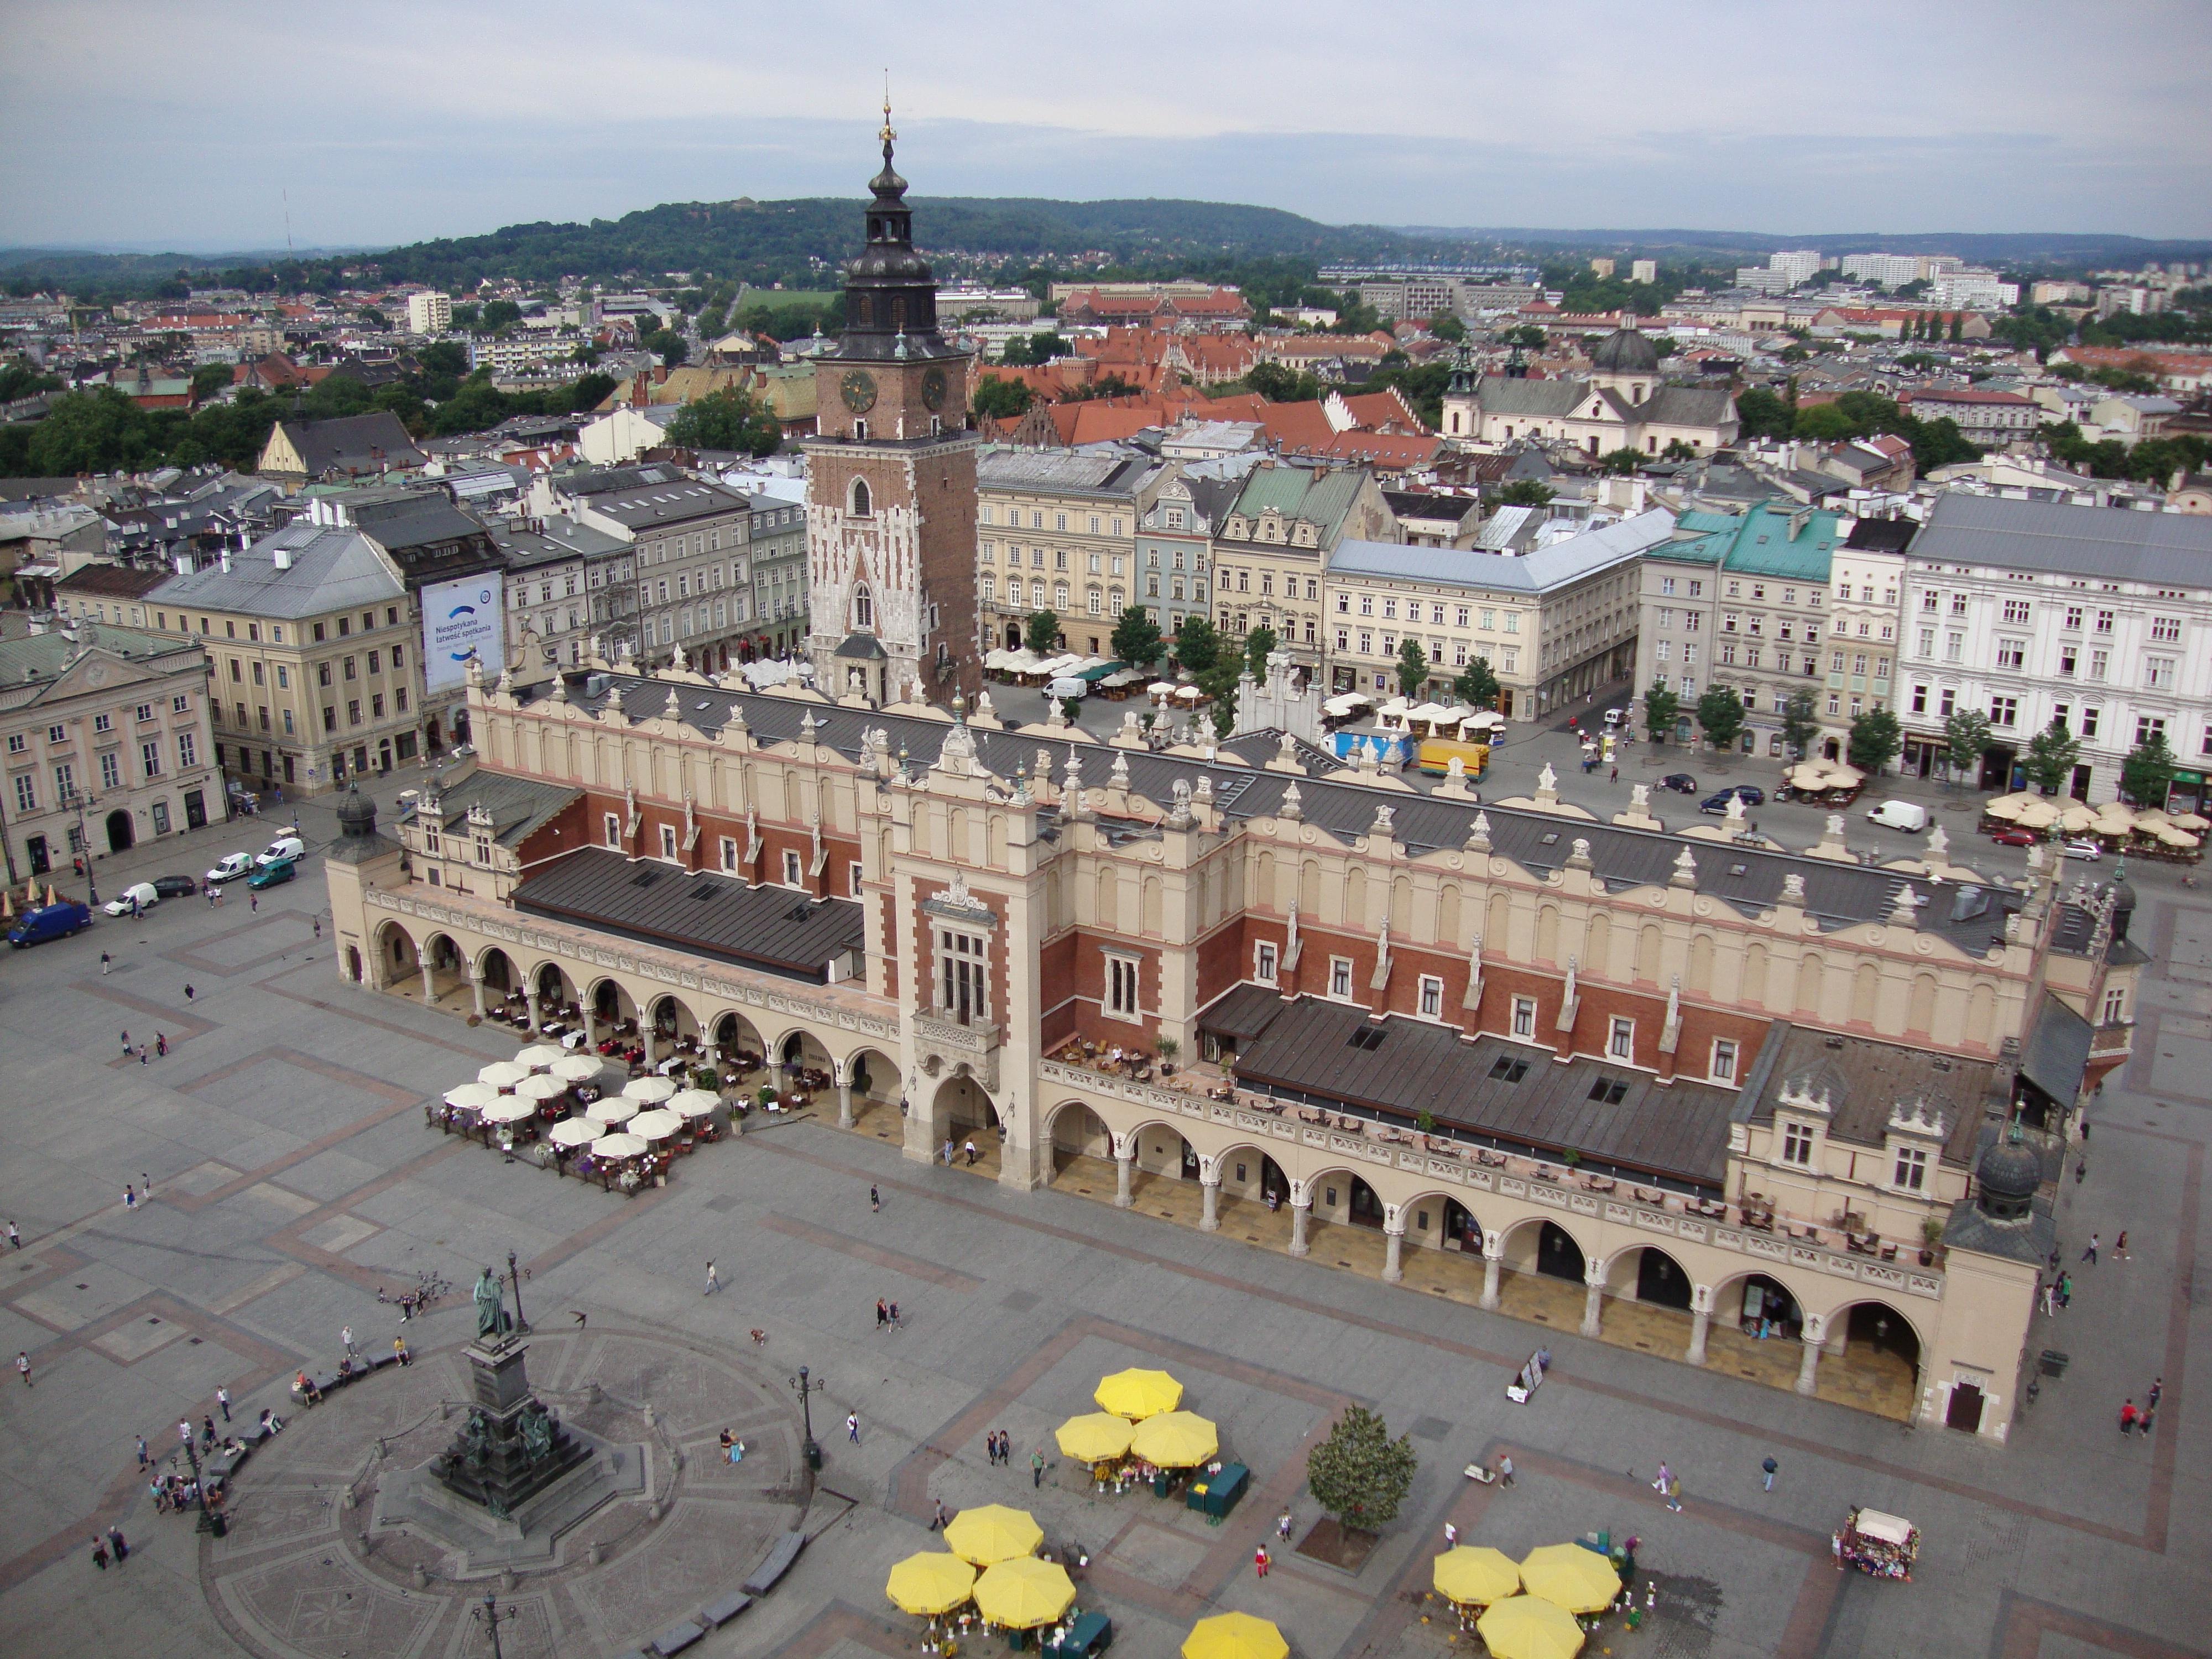 Места в Польше, которые следует посетить. ВЫПУСК 2.